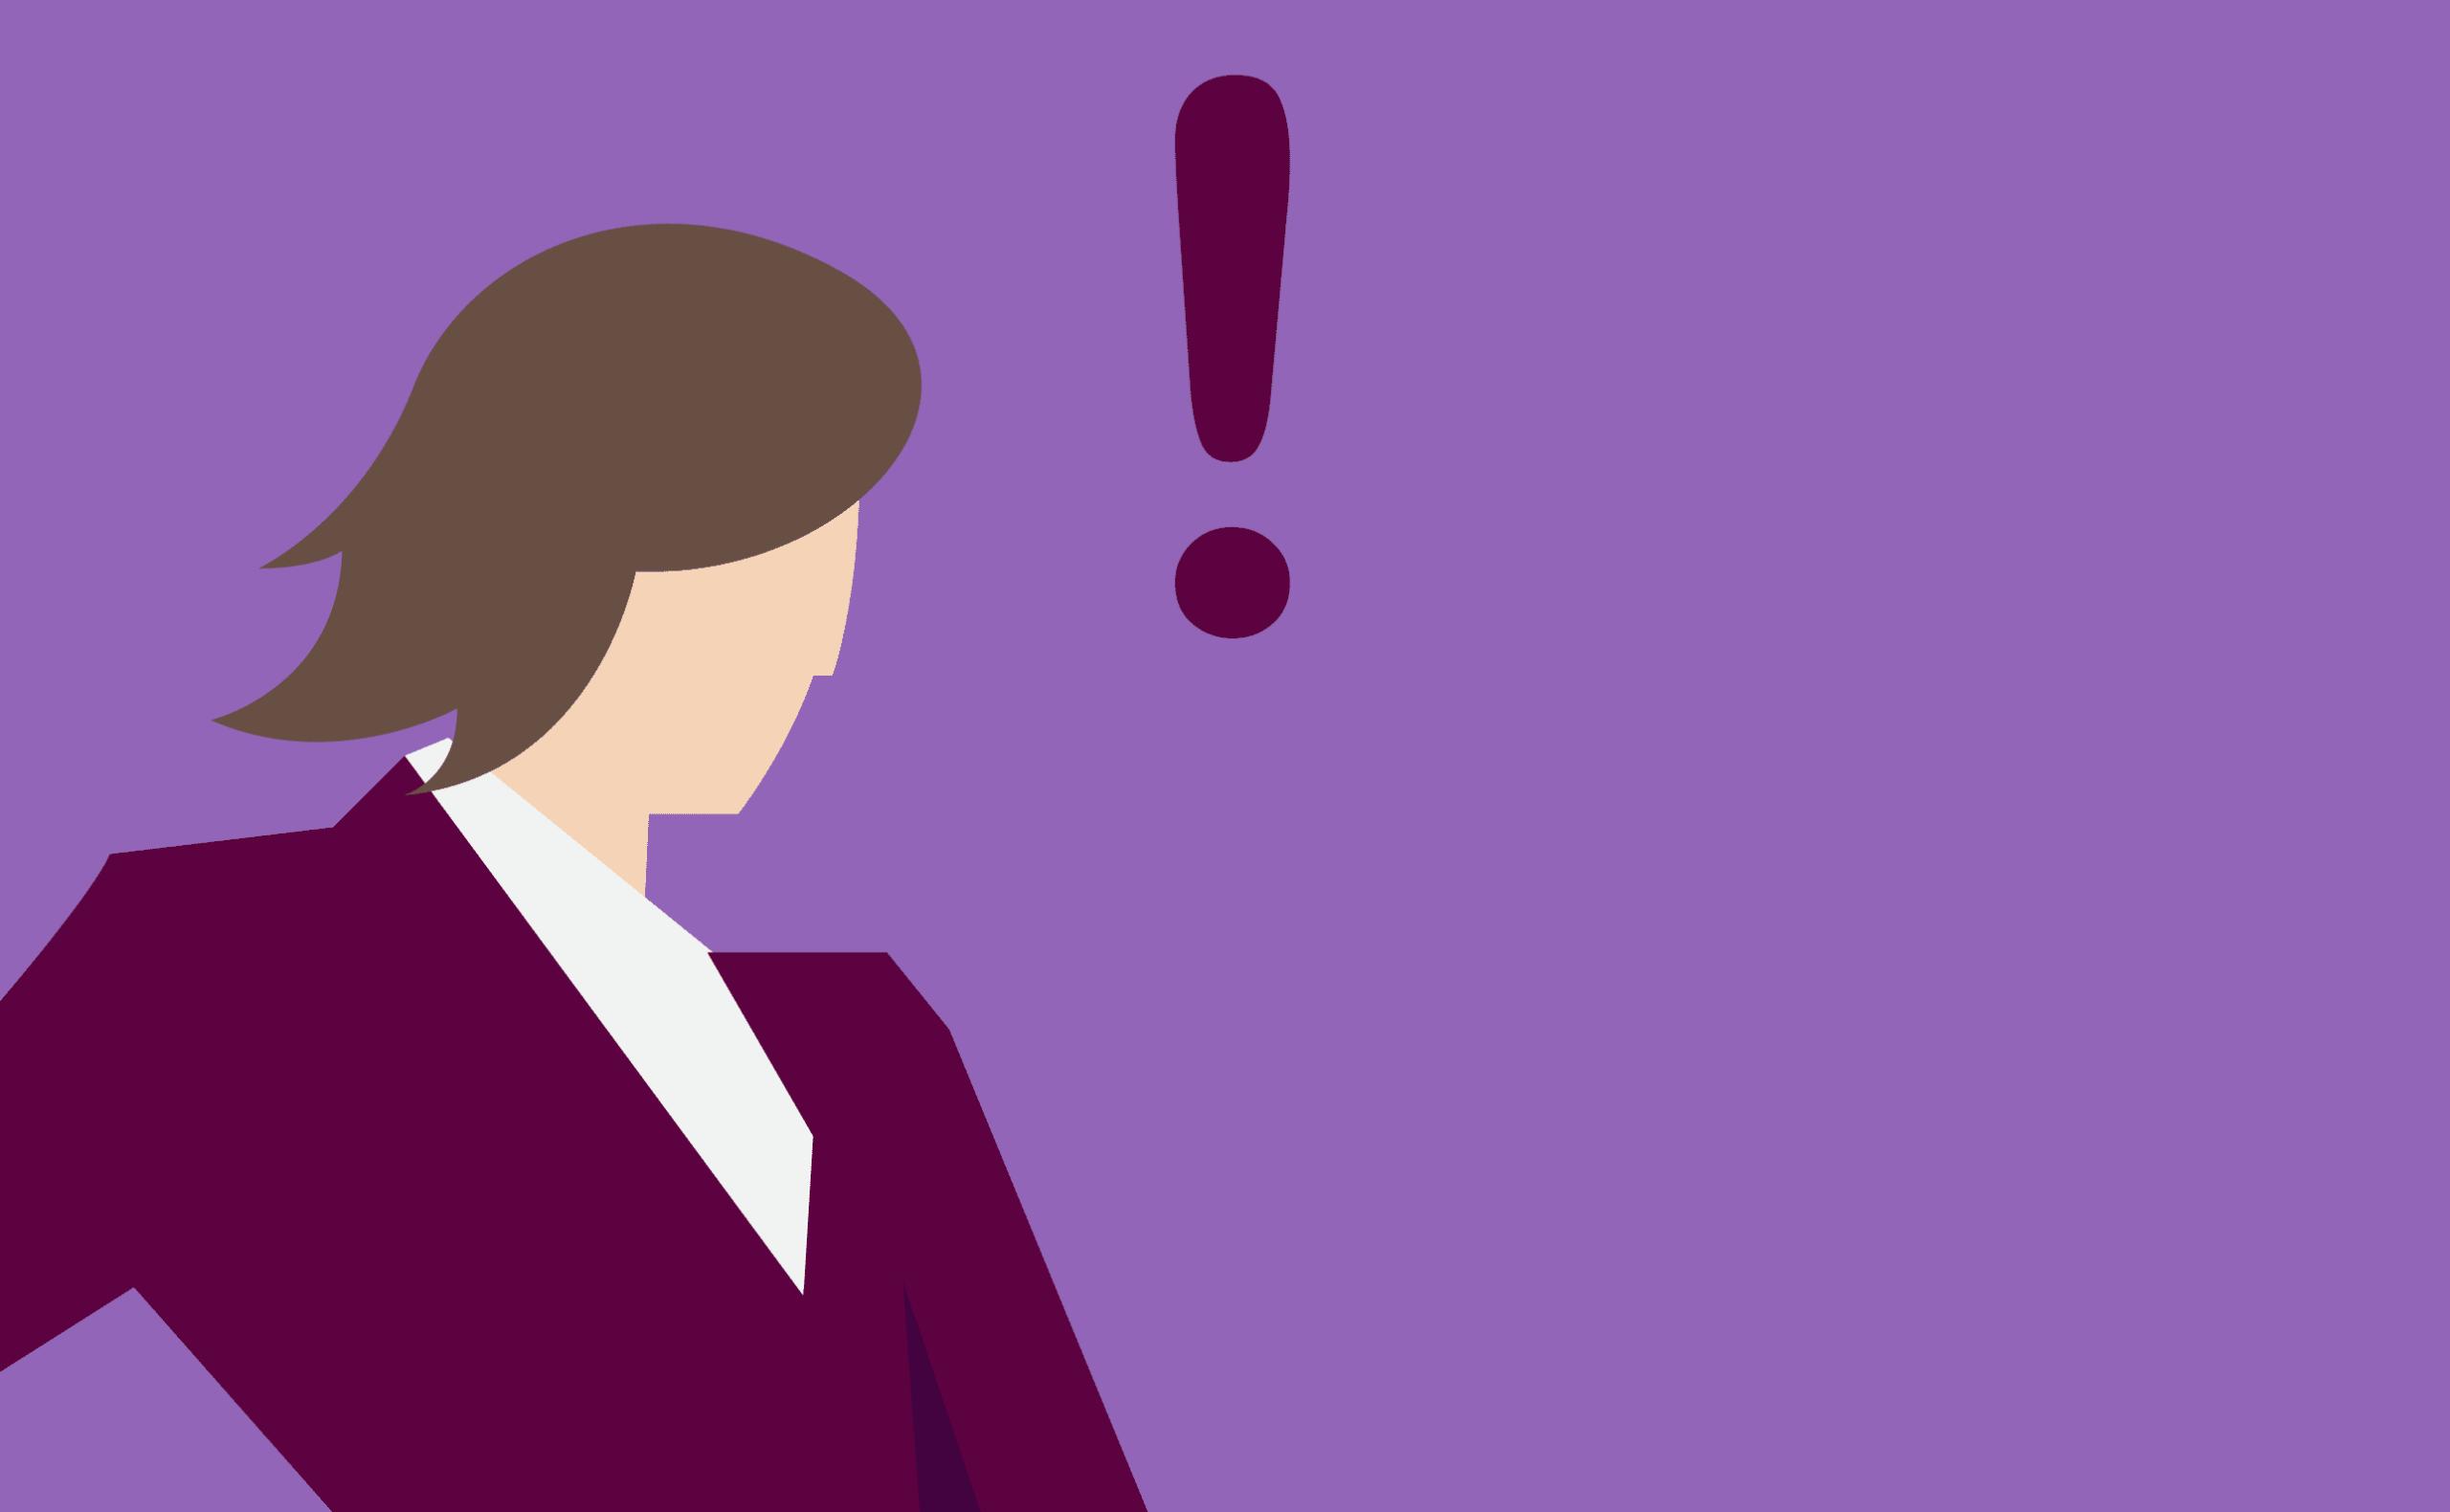 Ilustração de mulher parada num fundo roxo com um ponto de exclamação ao lado da cabeça